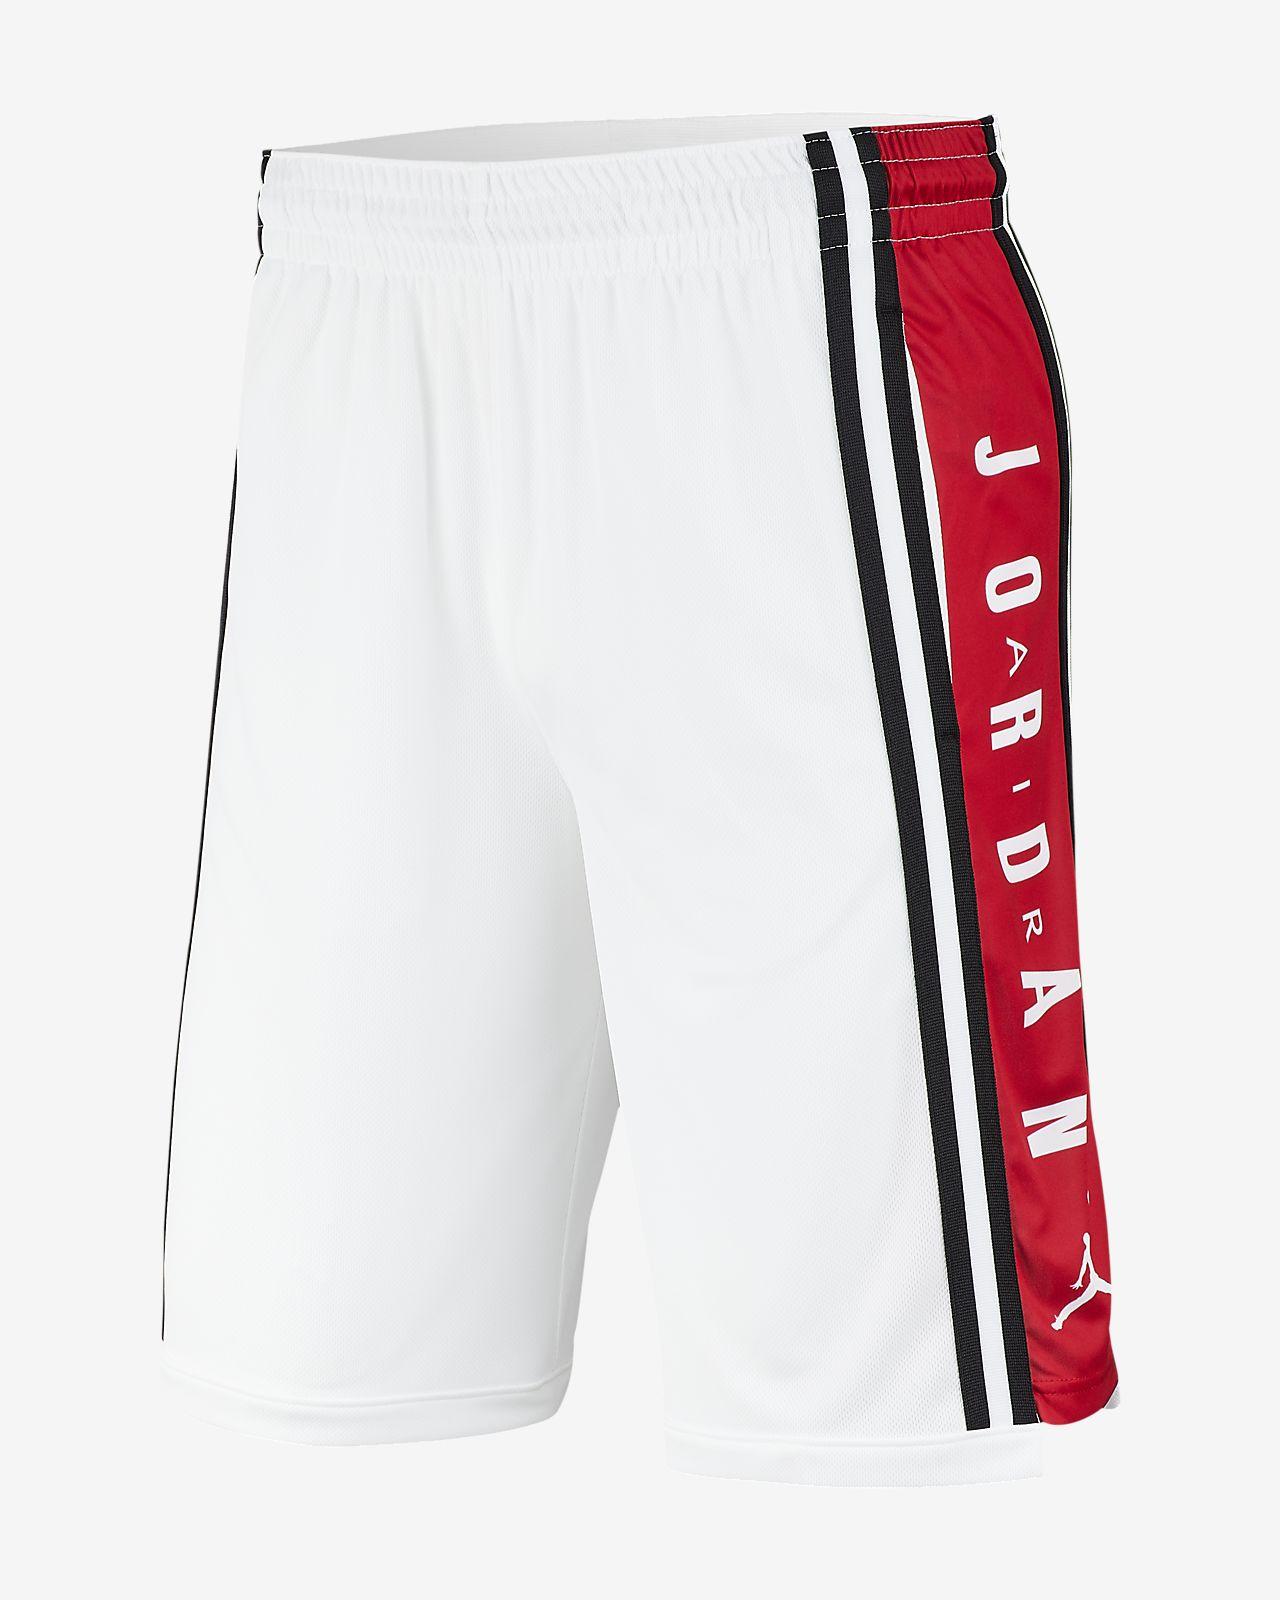 Calções de basquetebol Jordan HBR para homem